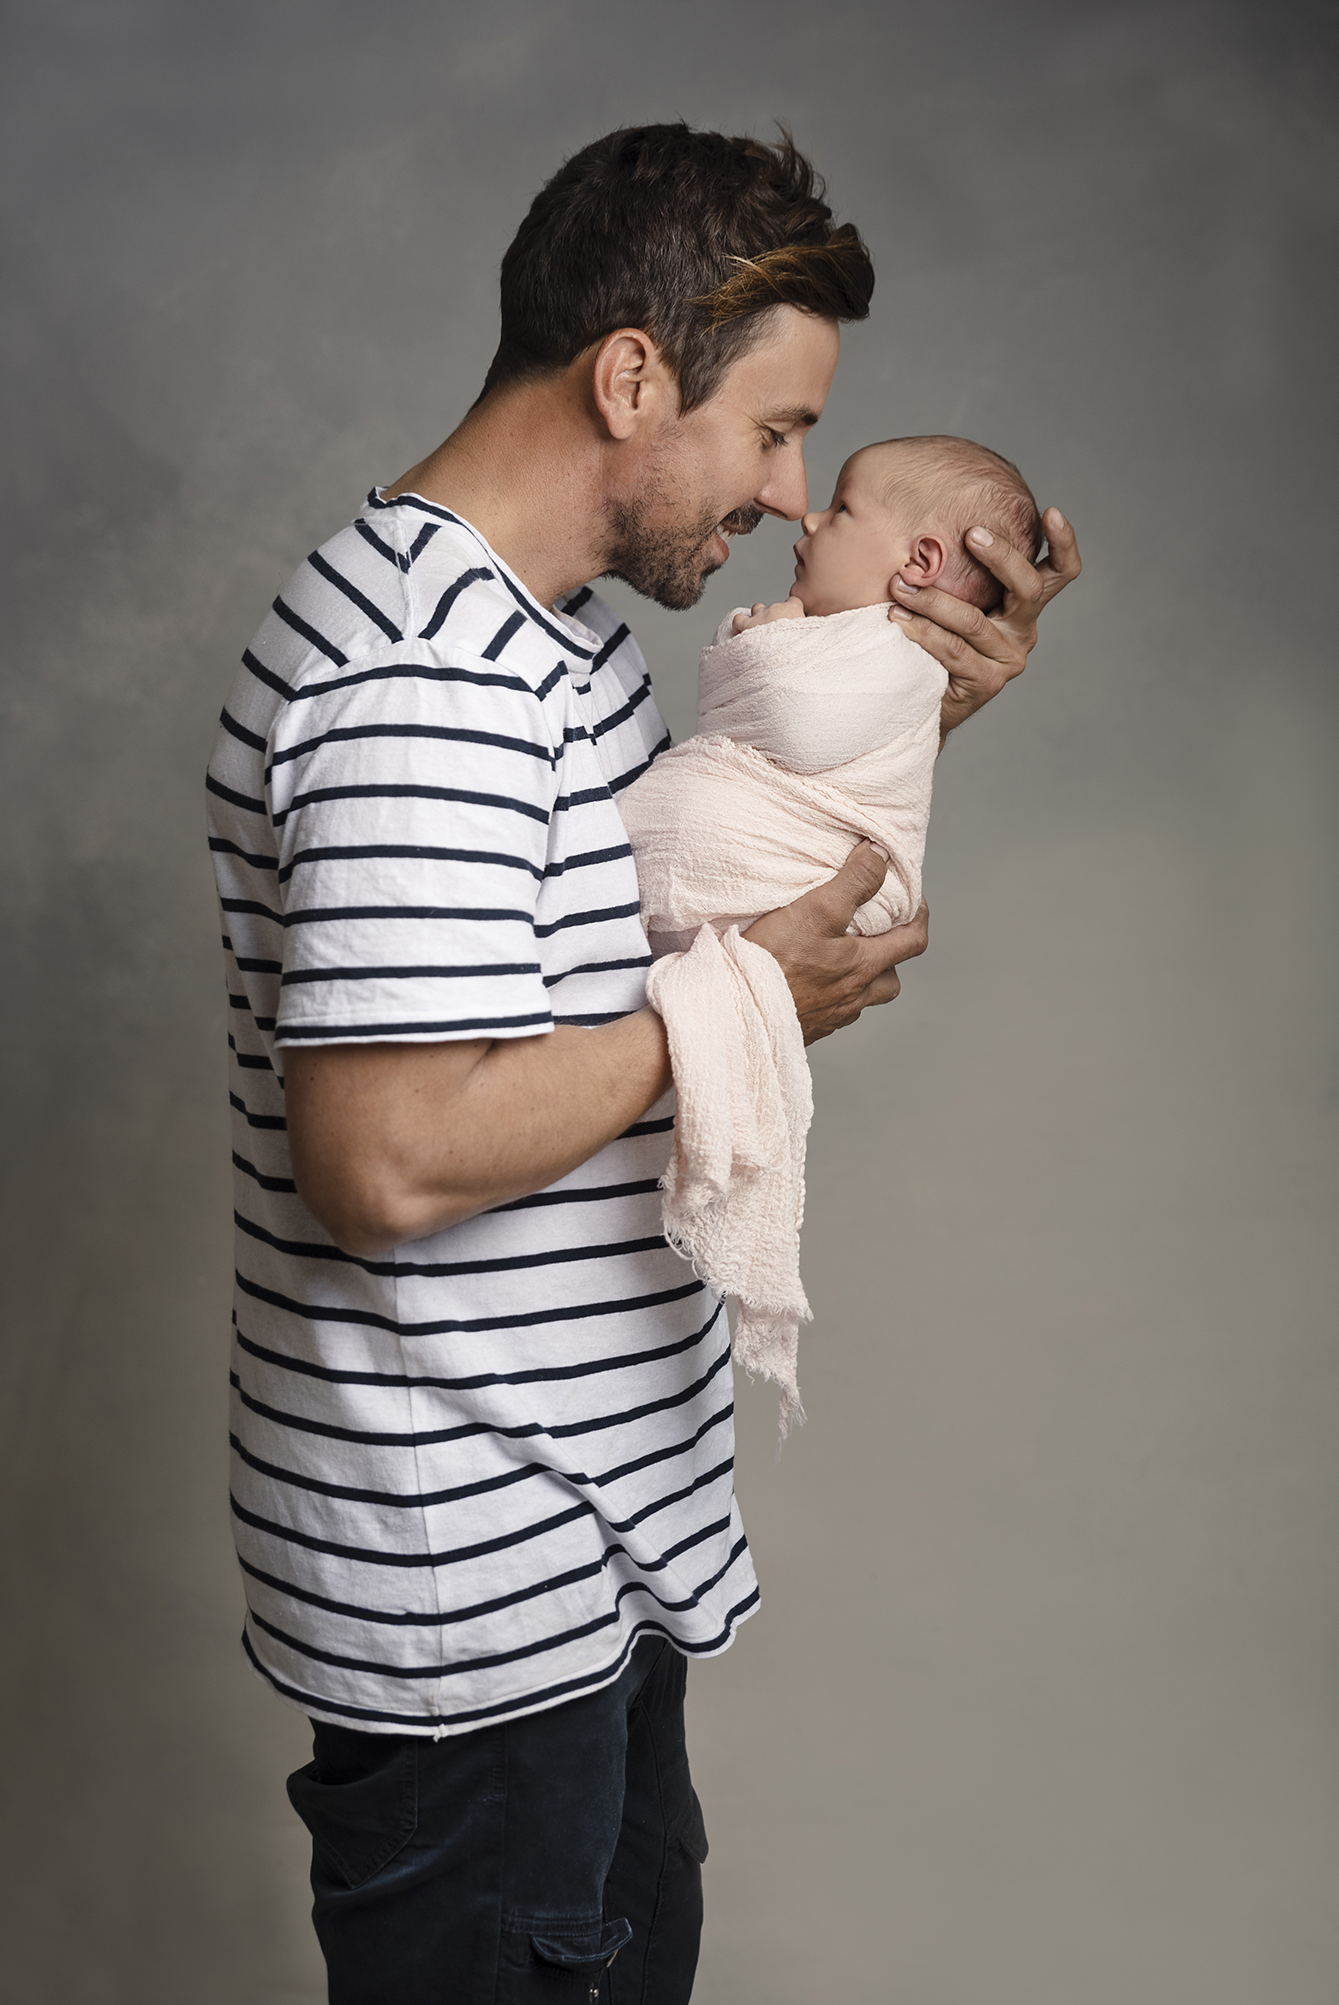 lucah newborn55 fx.jpg